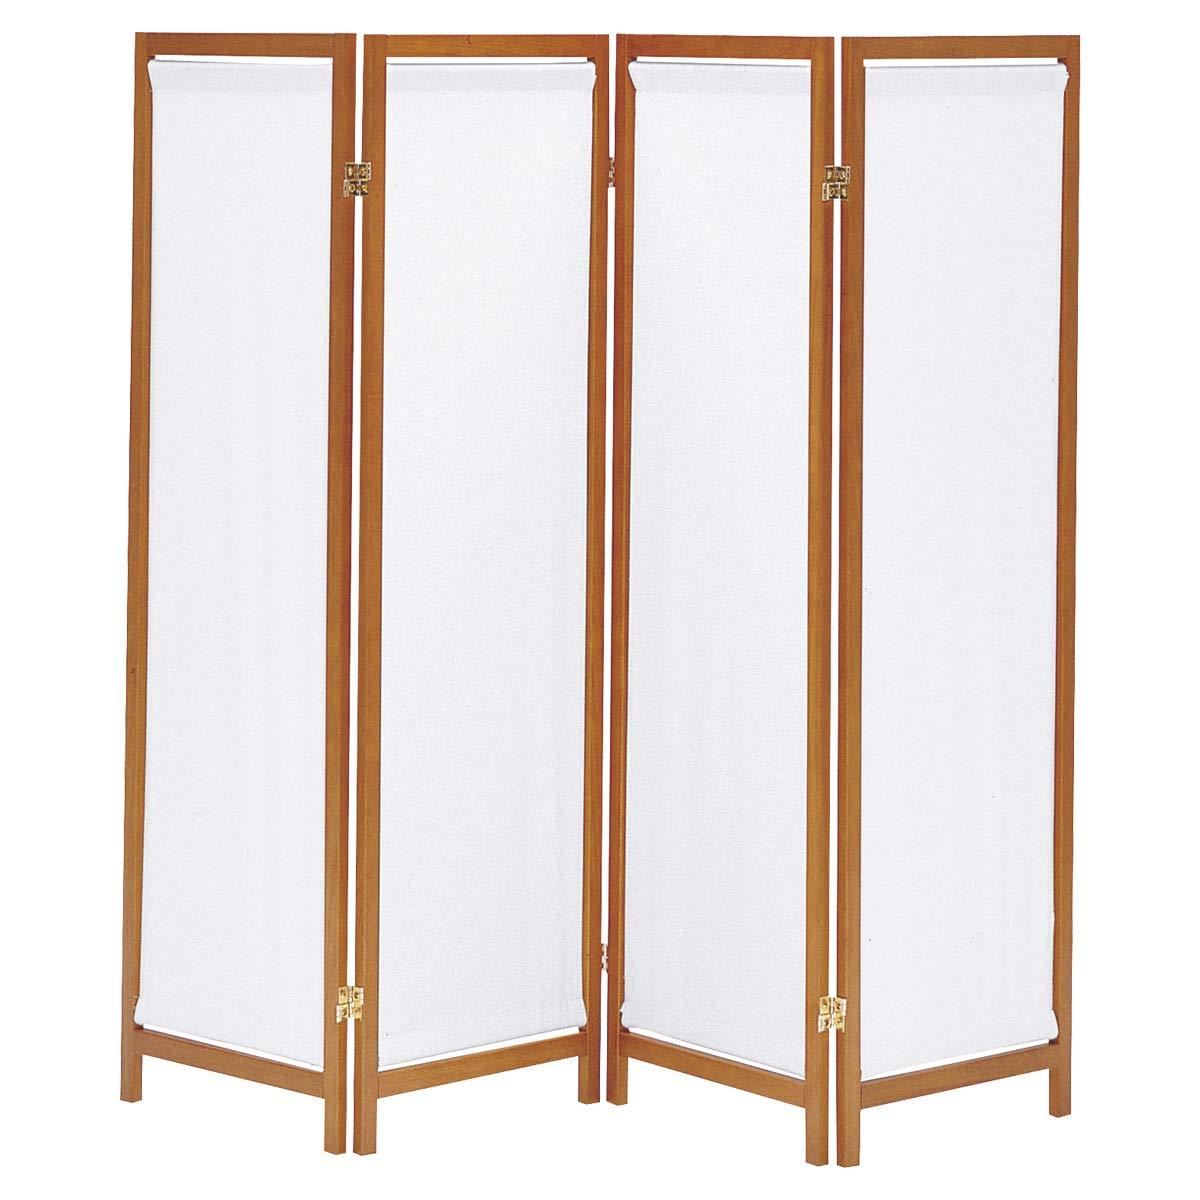 CtoC JAPAN Select パーテーション ブラウン 幅44cm×奥行2cm×高さH150cm×4枚 B07KW3JW3P